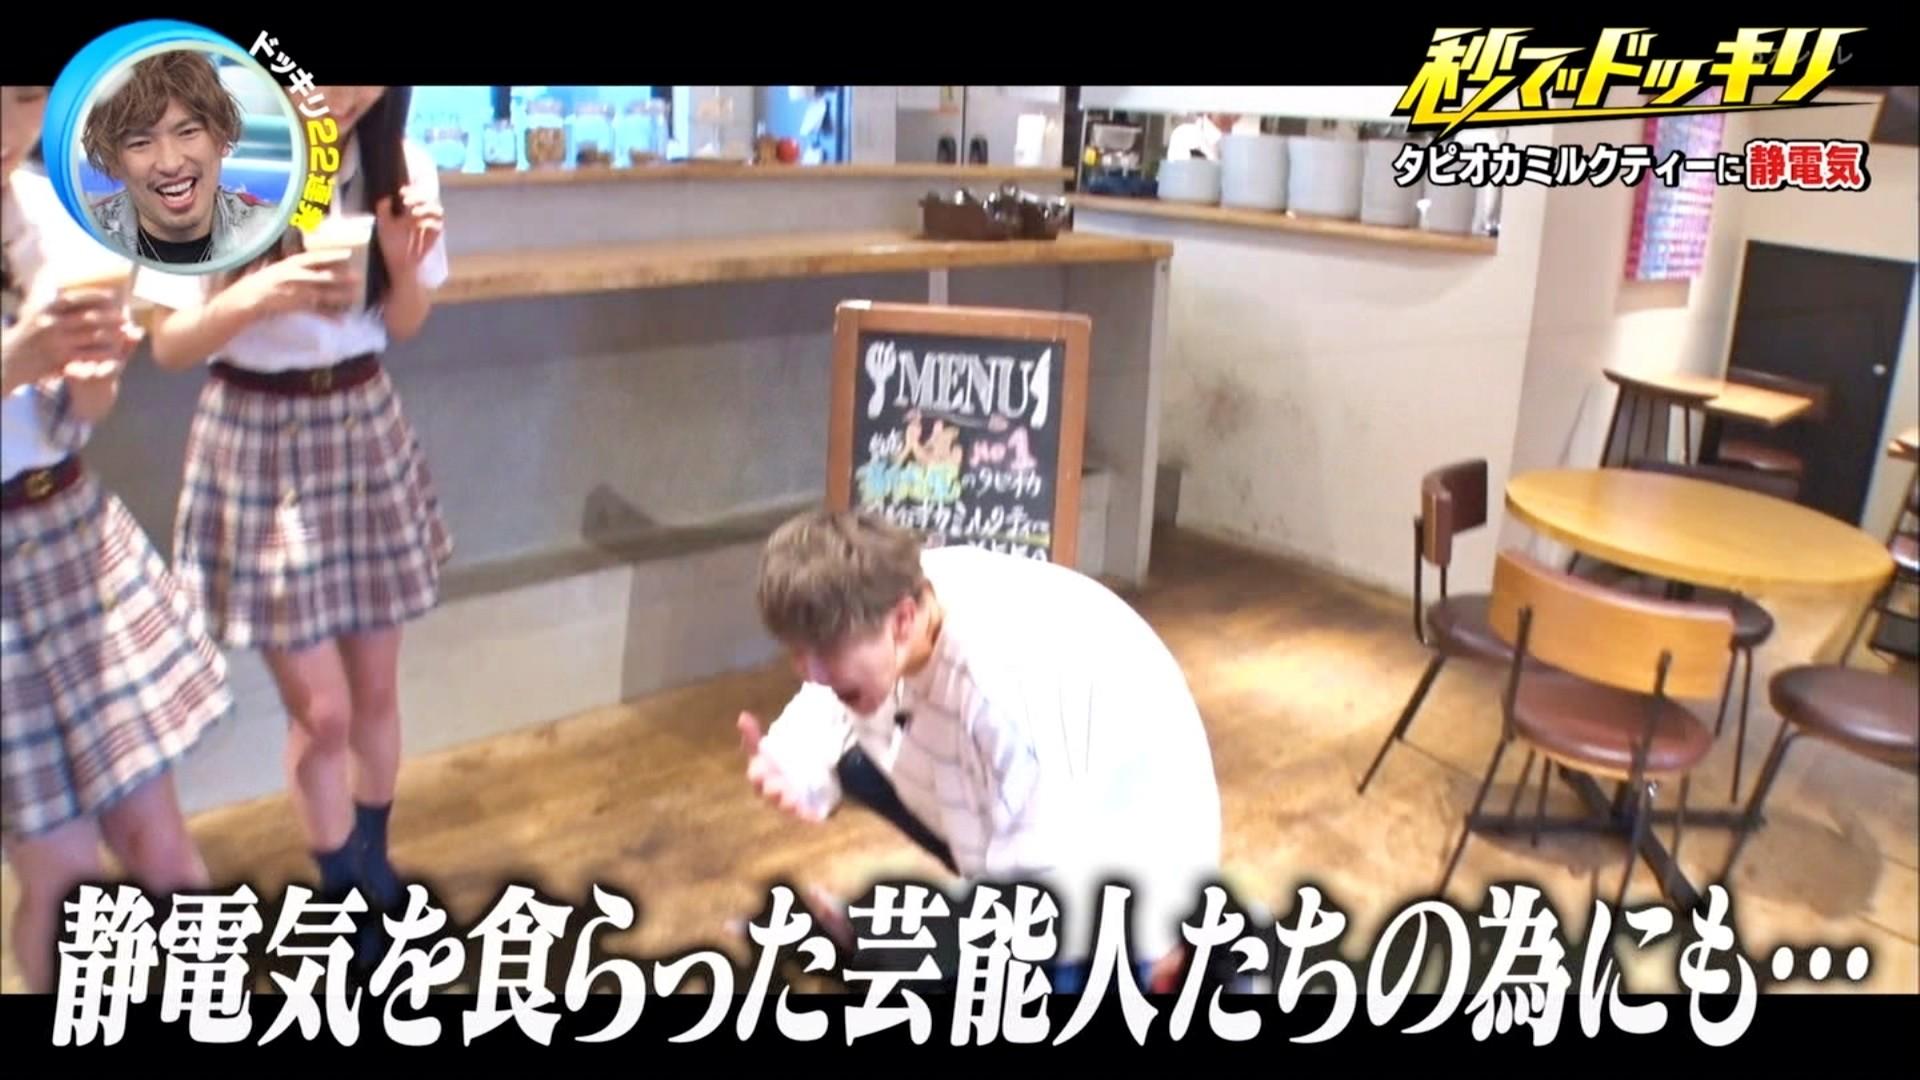 2019年11月30日にフジテレビ系列でほうそうされた「芸能人が本気で考えた!ドッキリGP」に出演したNMB48上西怜・大田莉央奈の画像-039